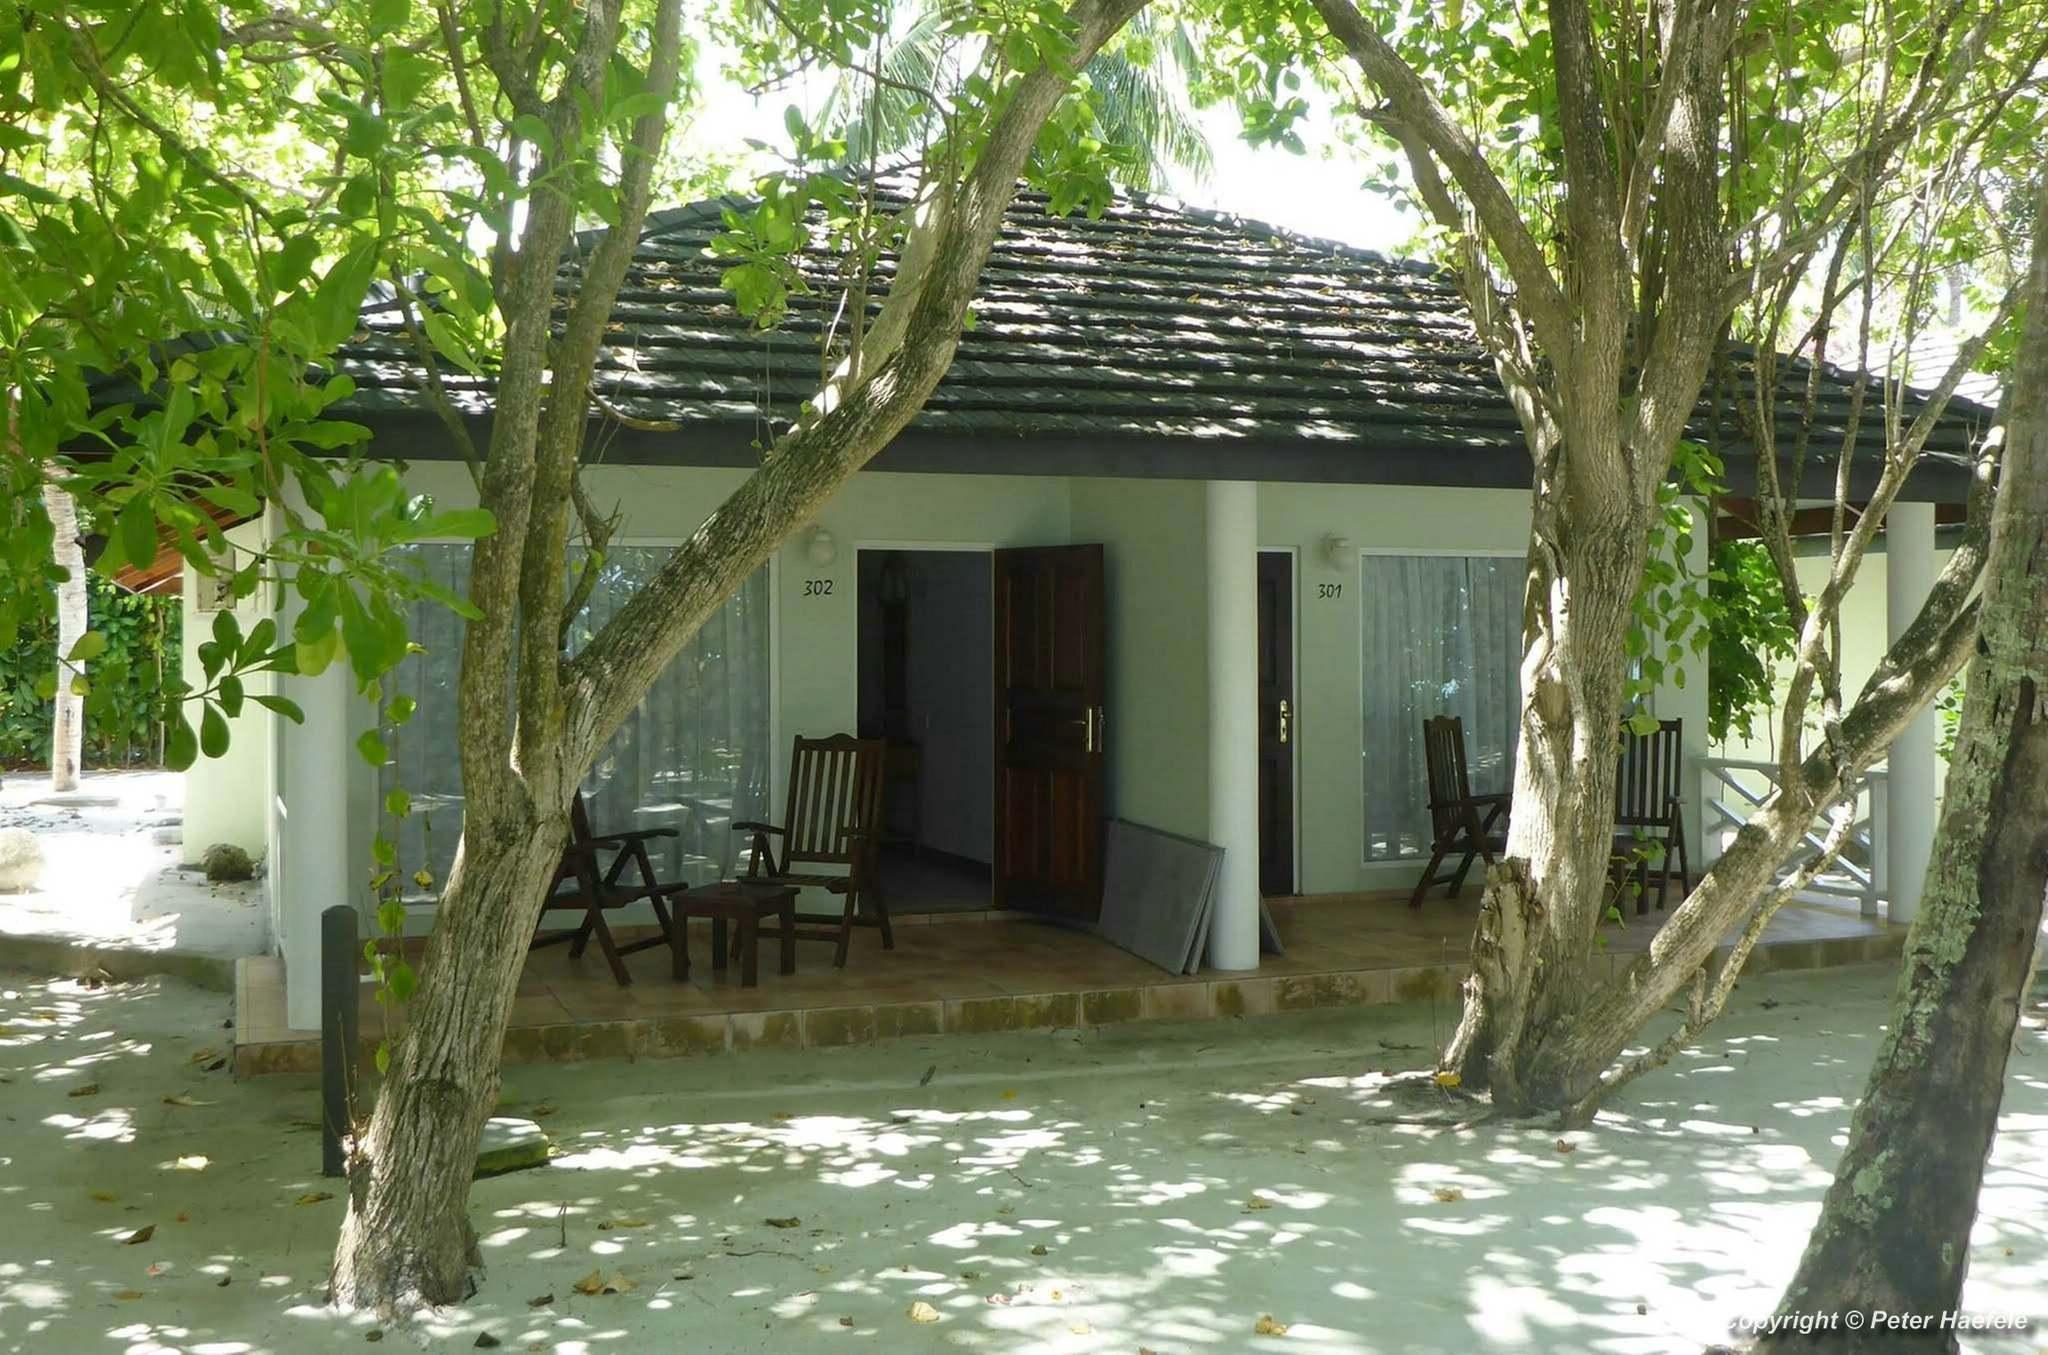 Strandbungalow (beach bungalow) Super Deluxe Nalaguraidhoo (Sun Island) Malediven